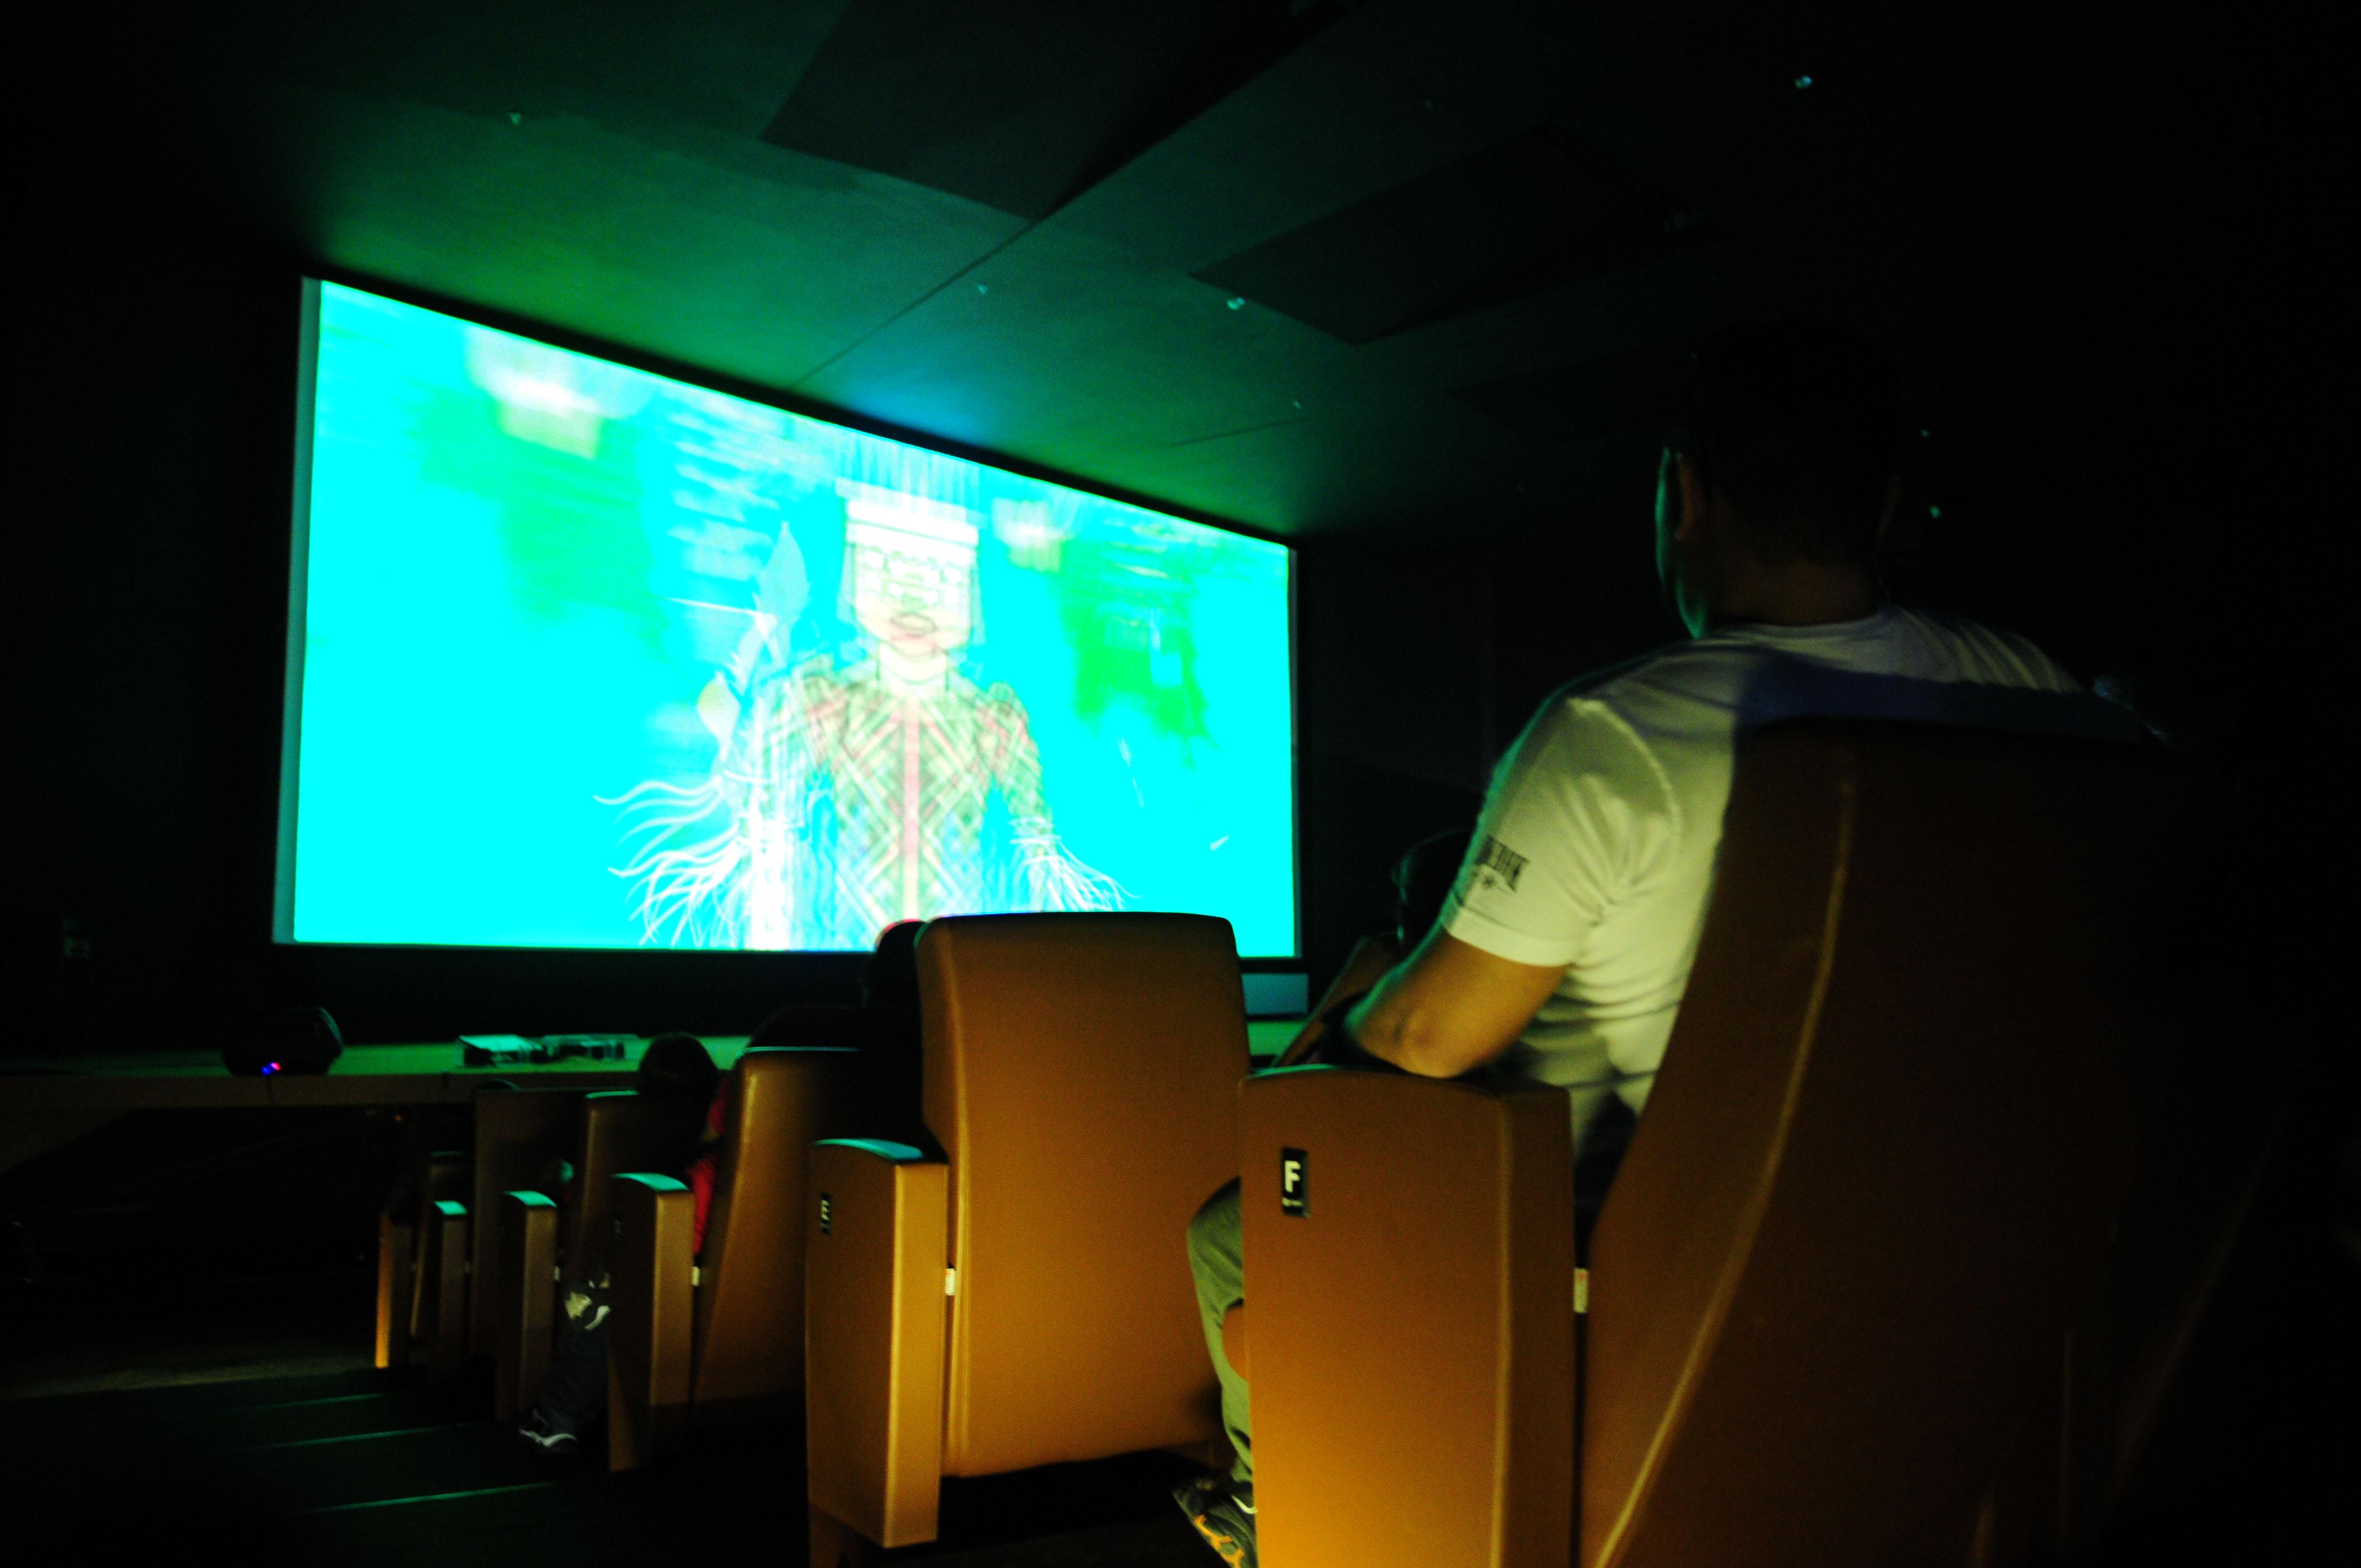 MP 770 prorroga benefício fiscal voltado para construção de salas de cinema